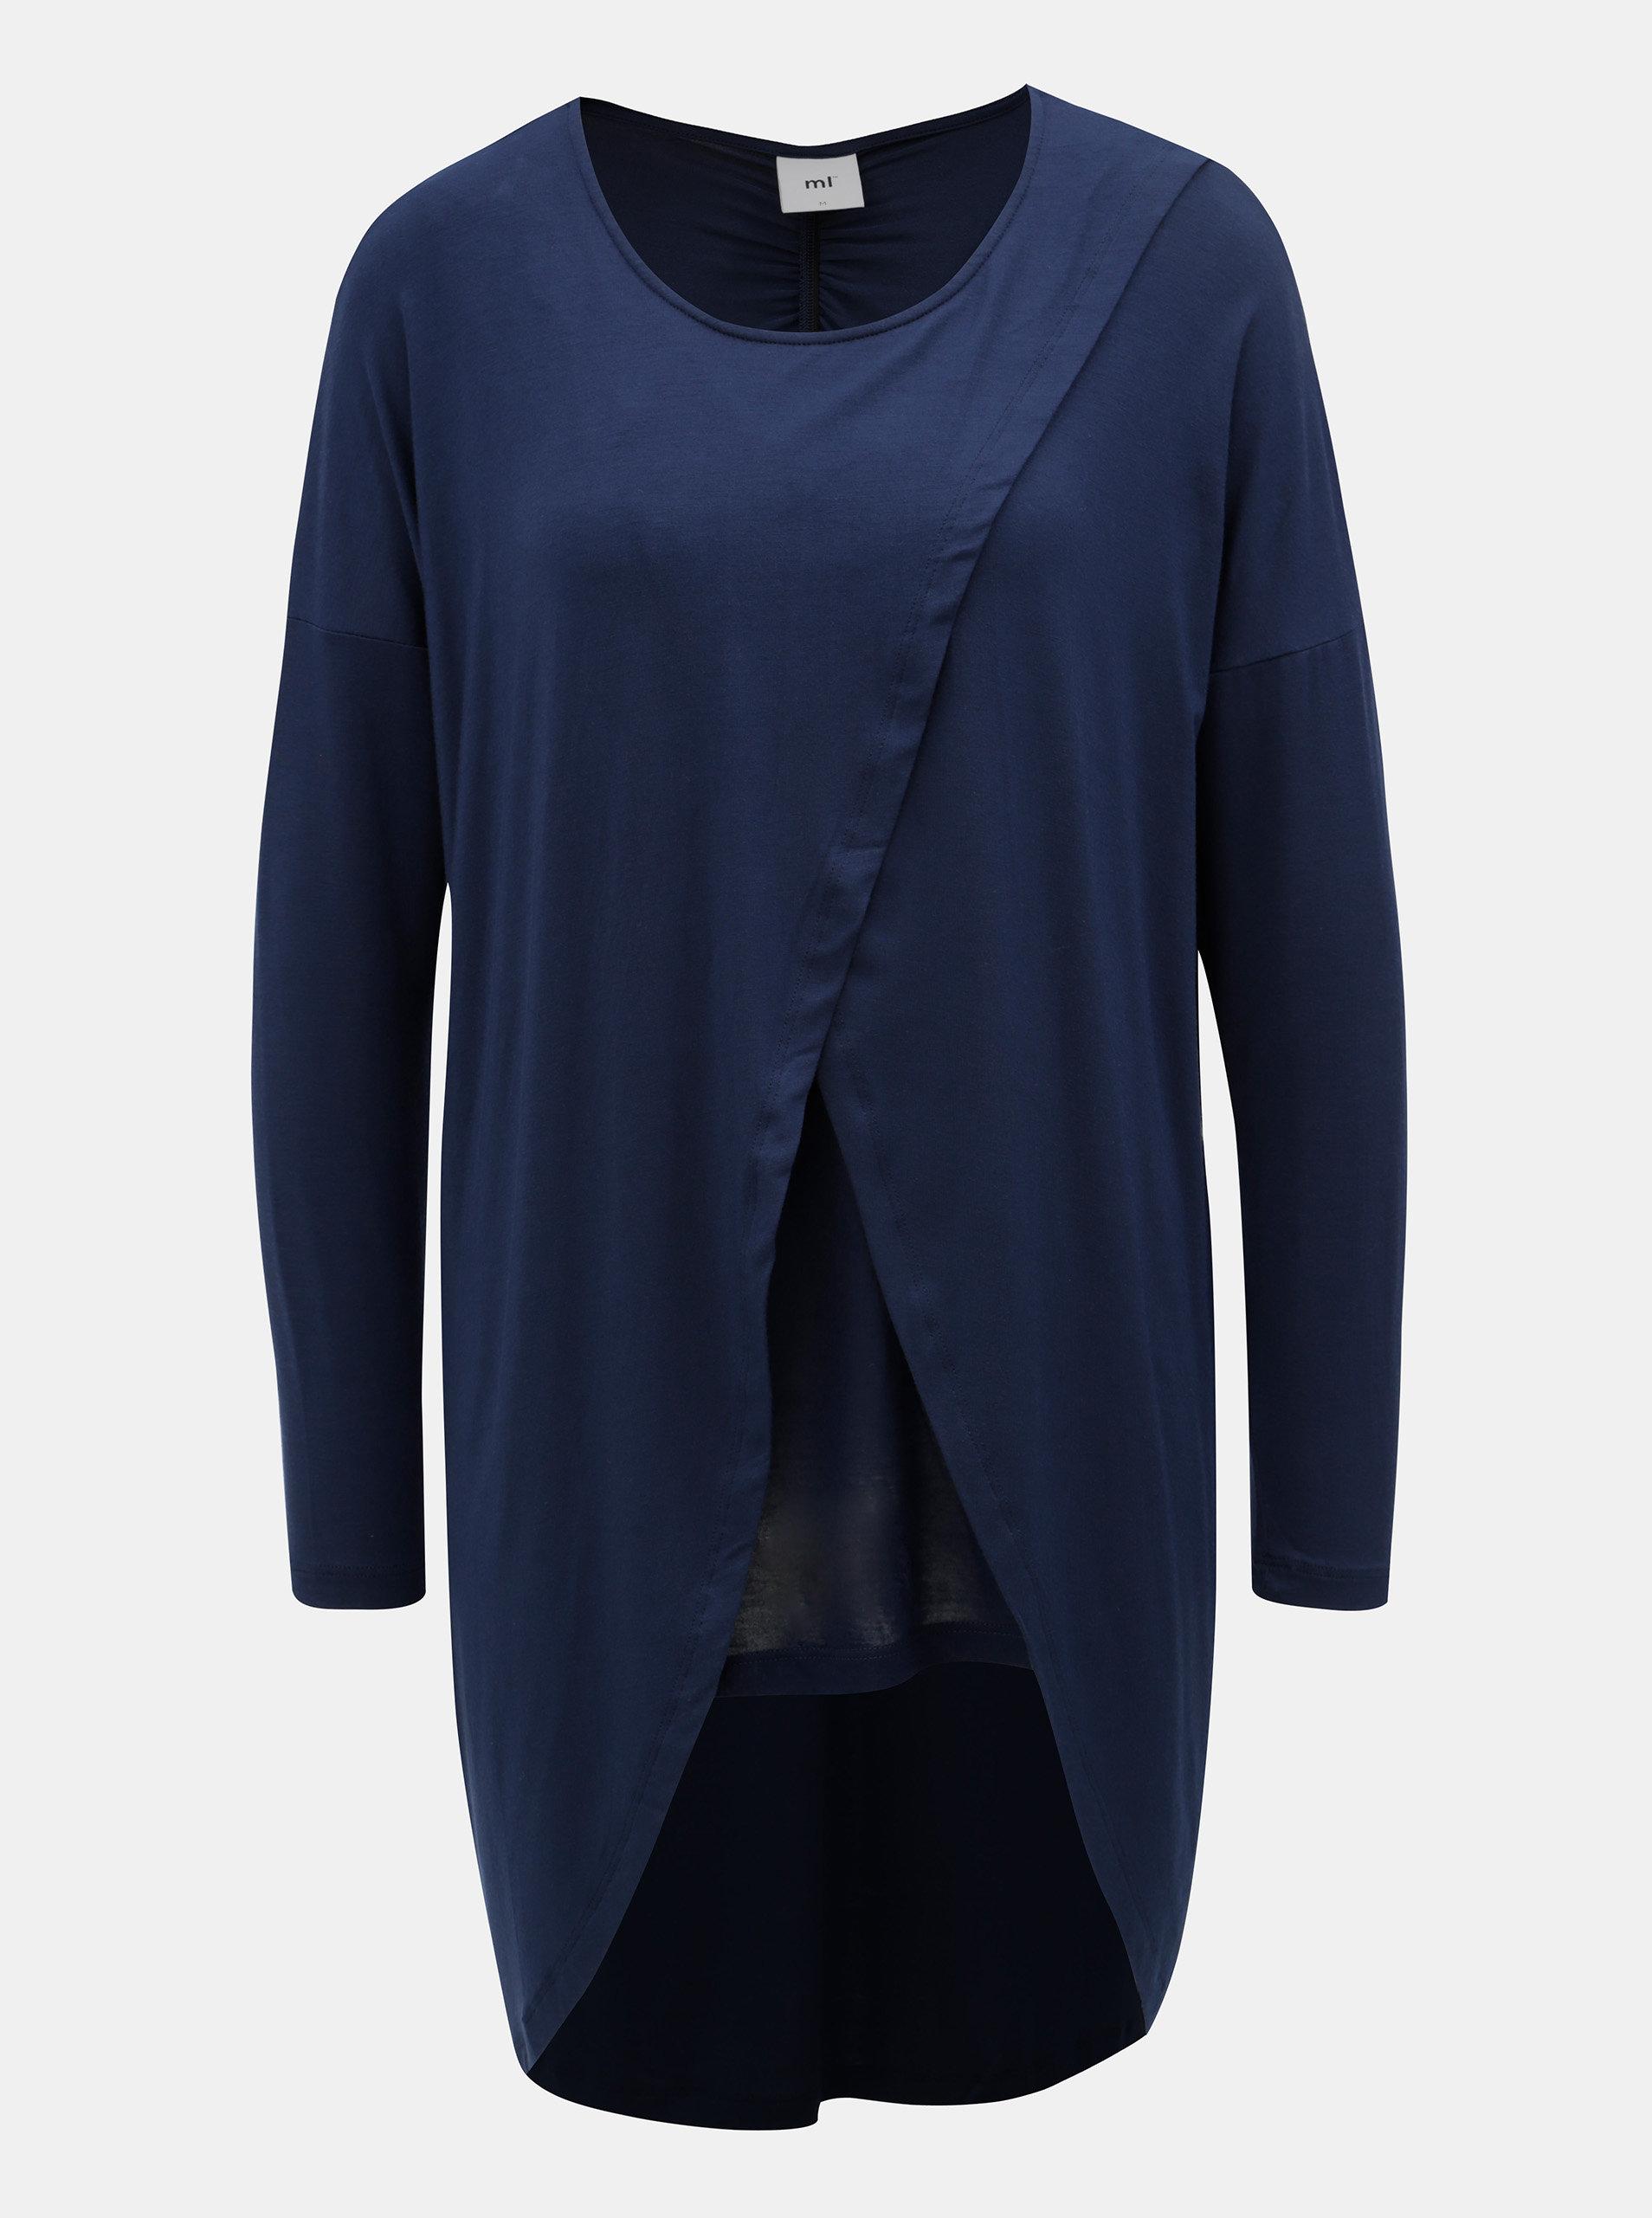 Tmavě modré dlouhé tričko s dlouhým rukávem Mama.licious